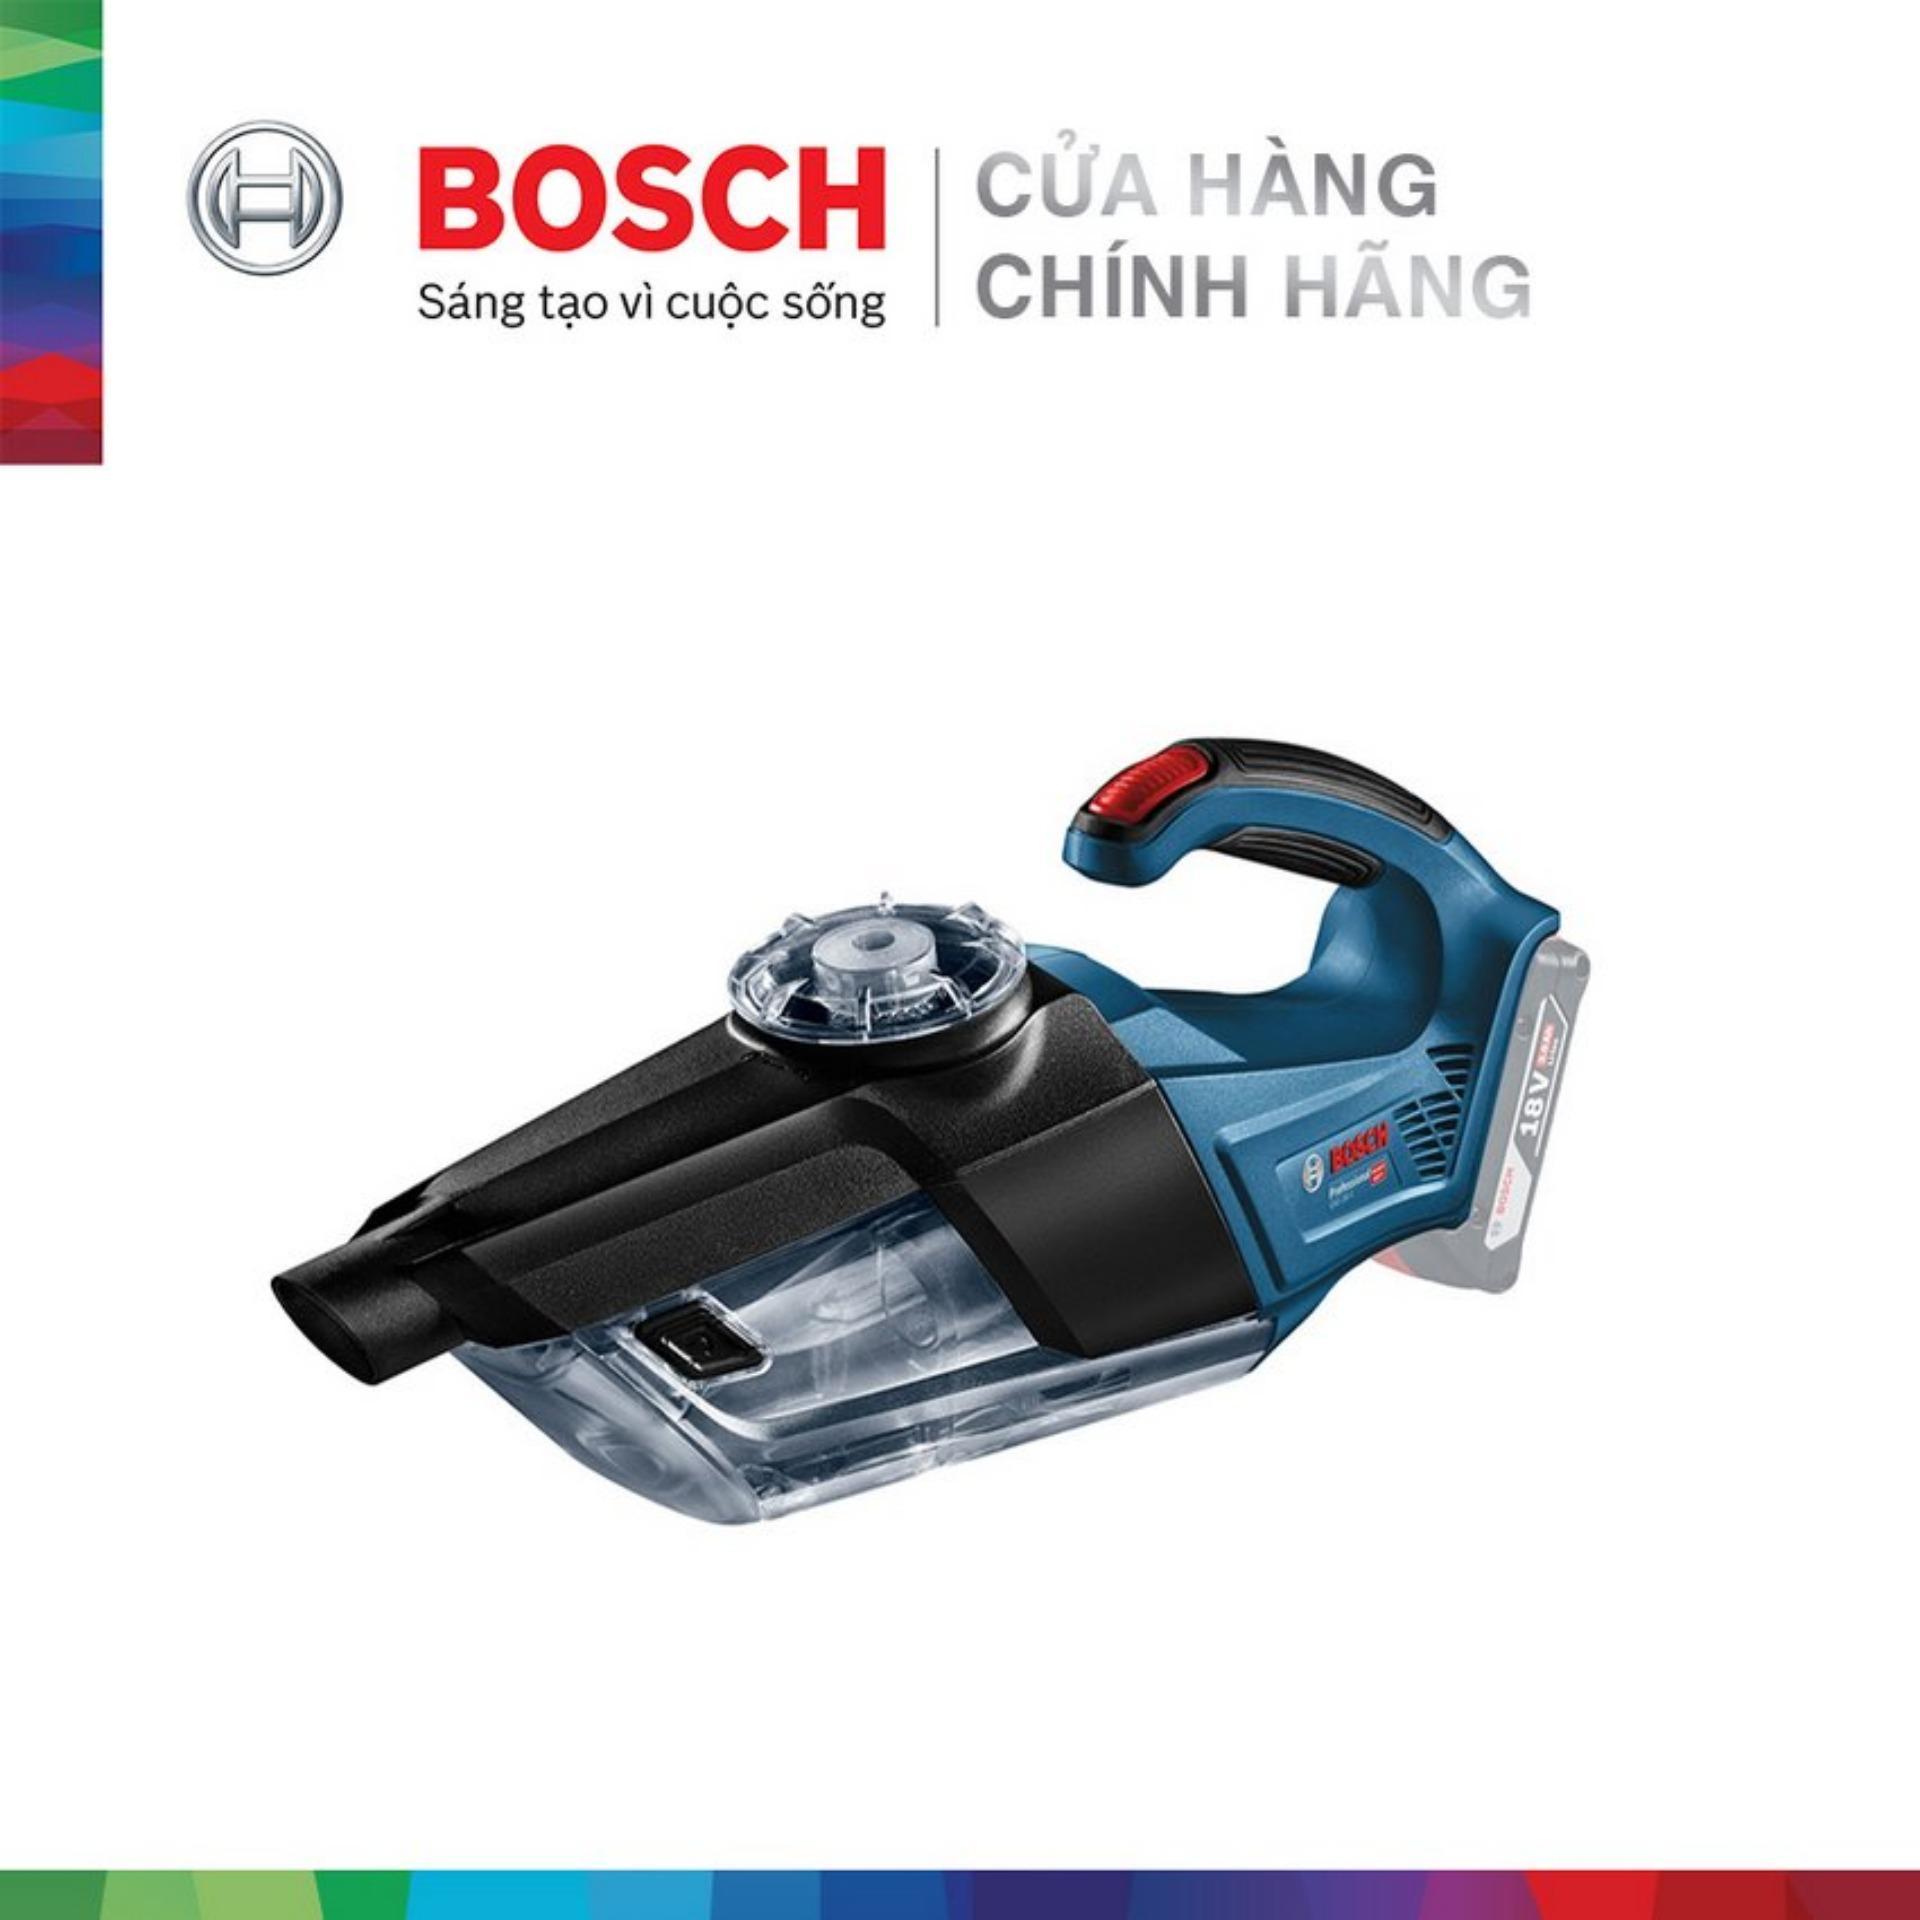 Máy hút bụi Bosch GAS 18V-1 SET (1 pin 18V 3.0Ah, 1 sạc) MỚI